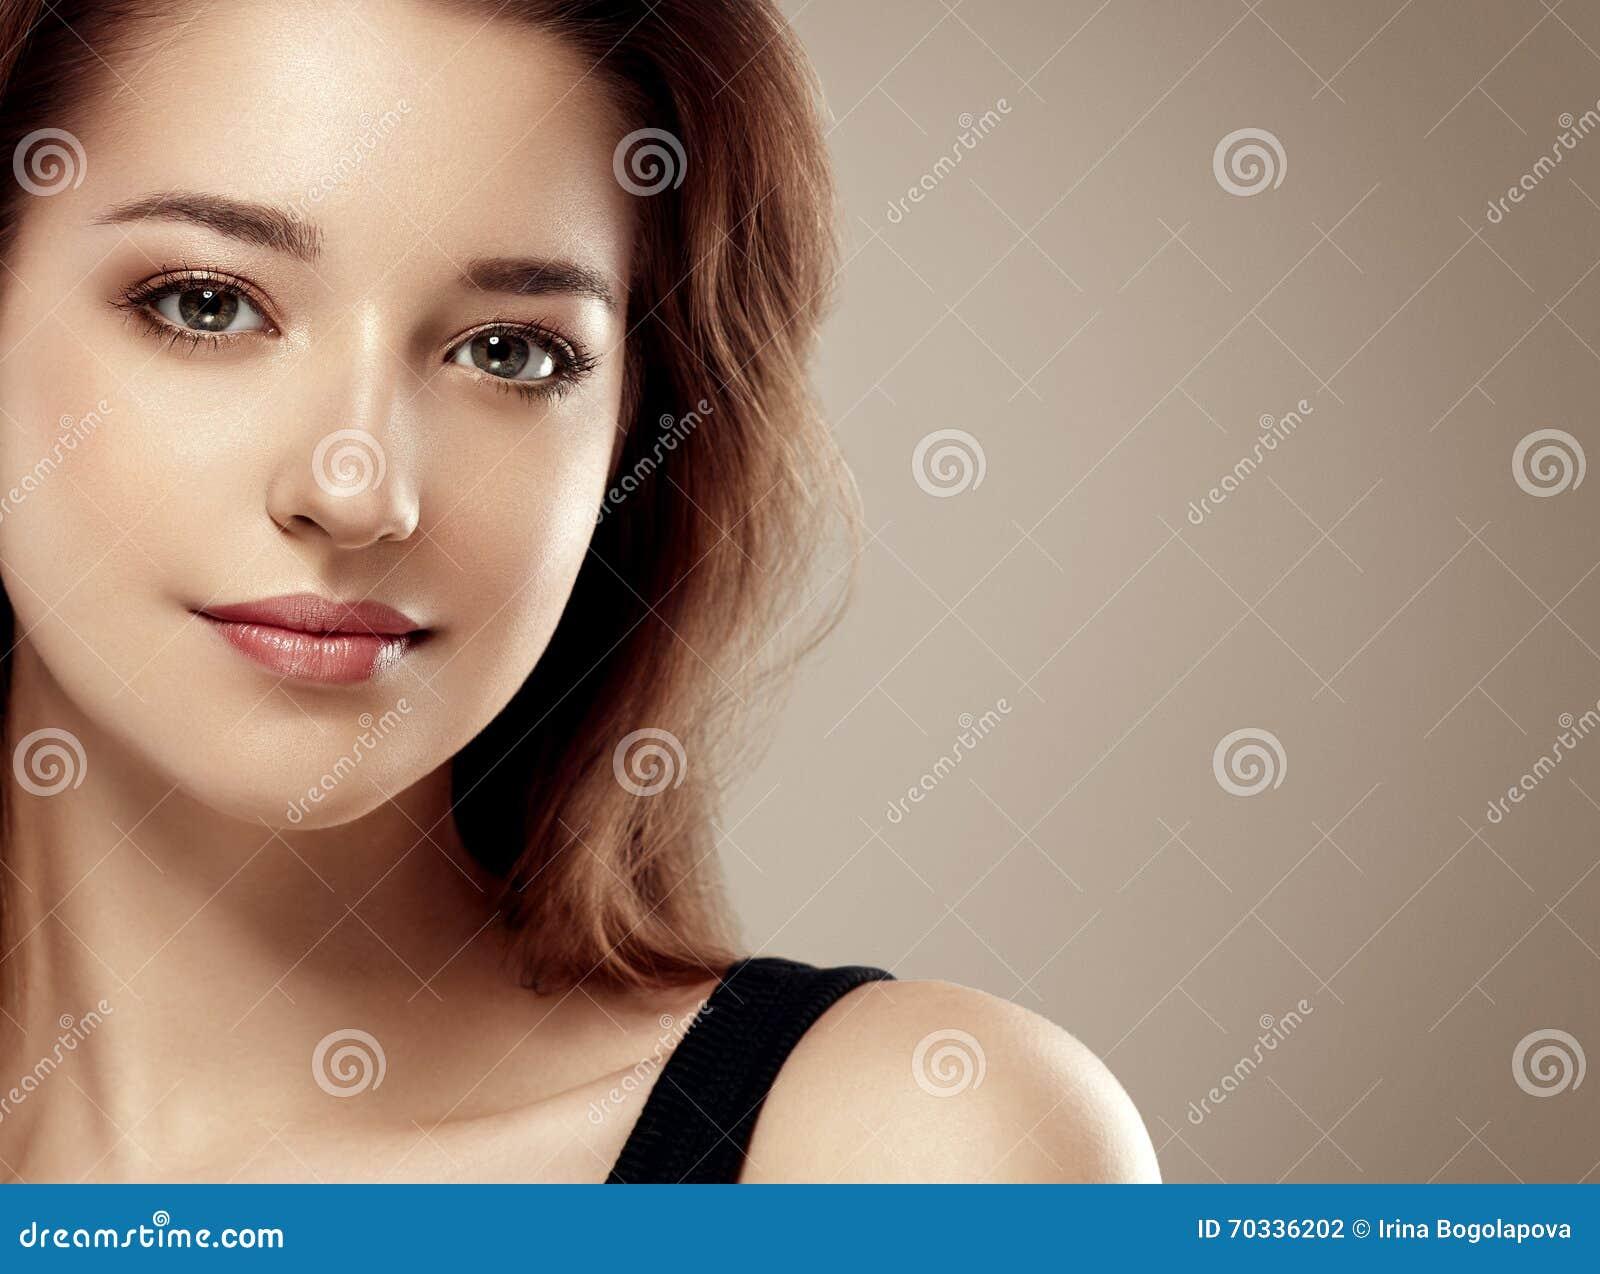 Фото изумительно красивых девушек